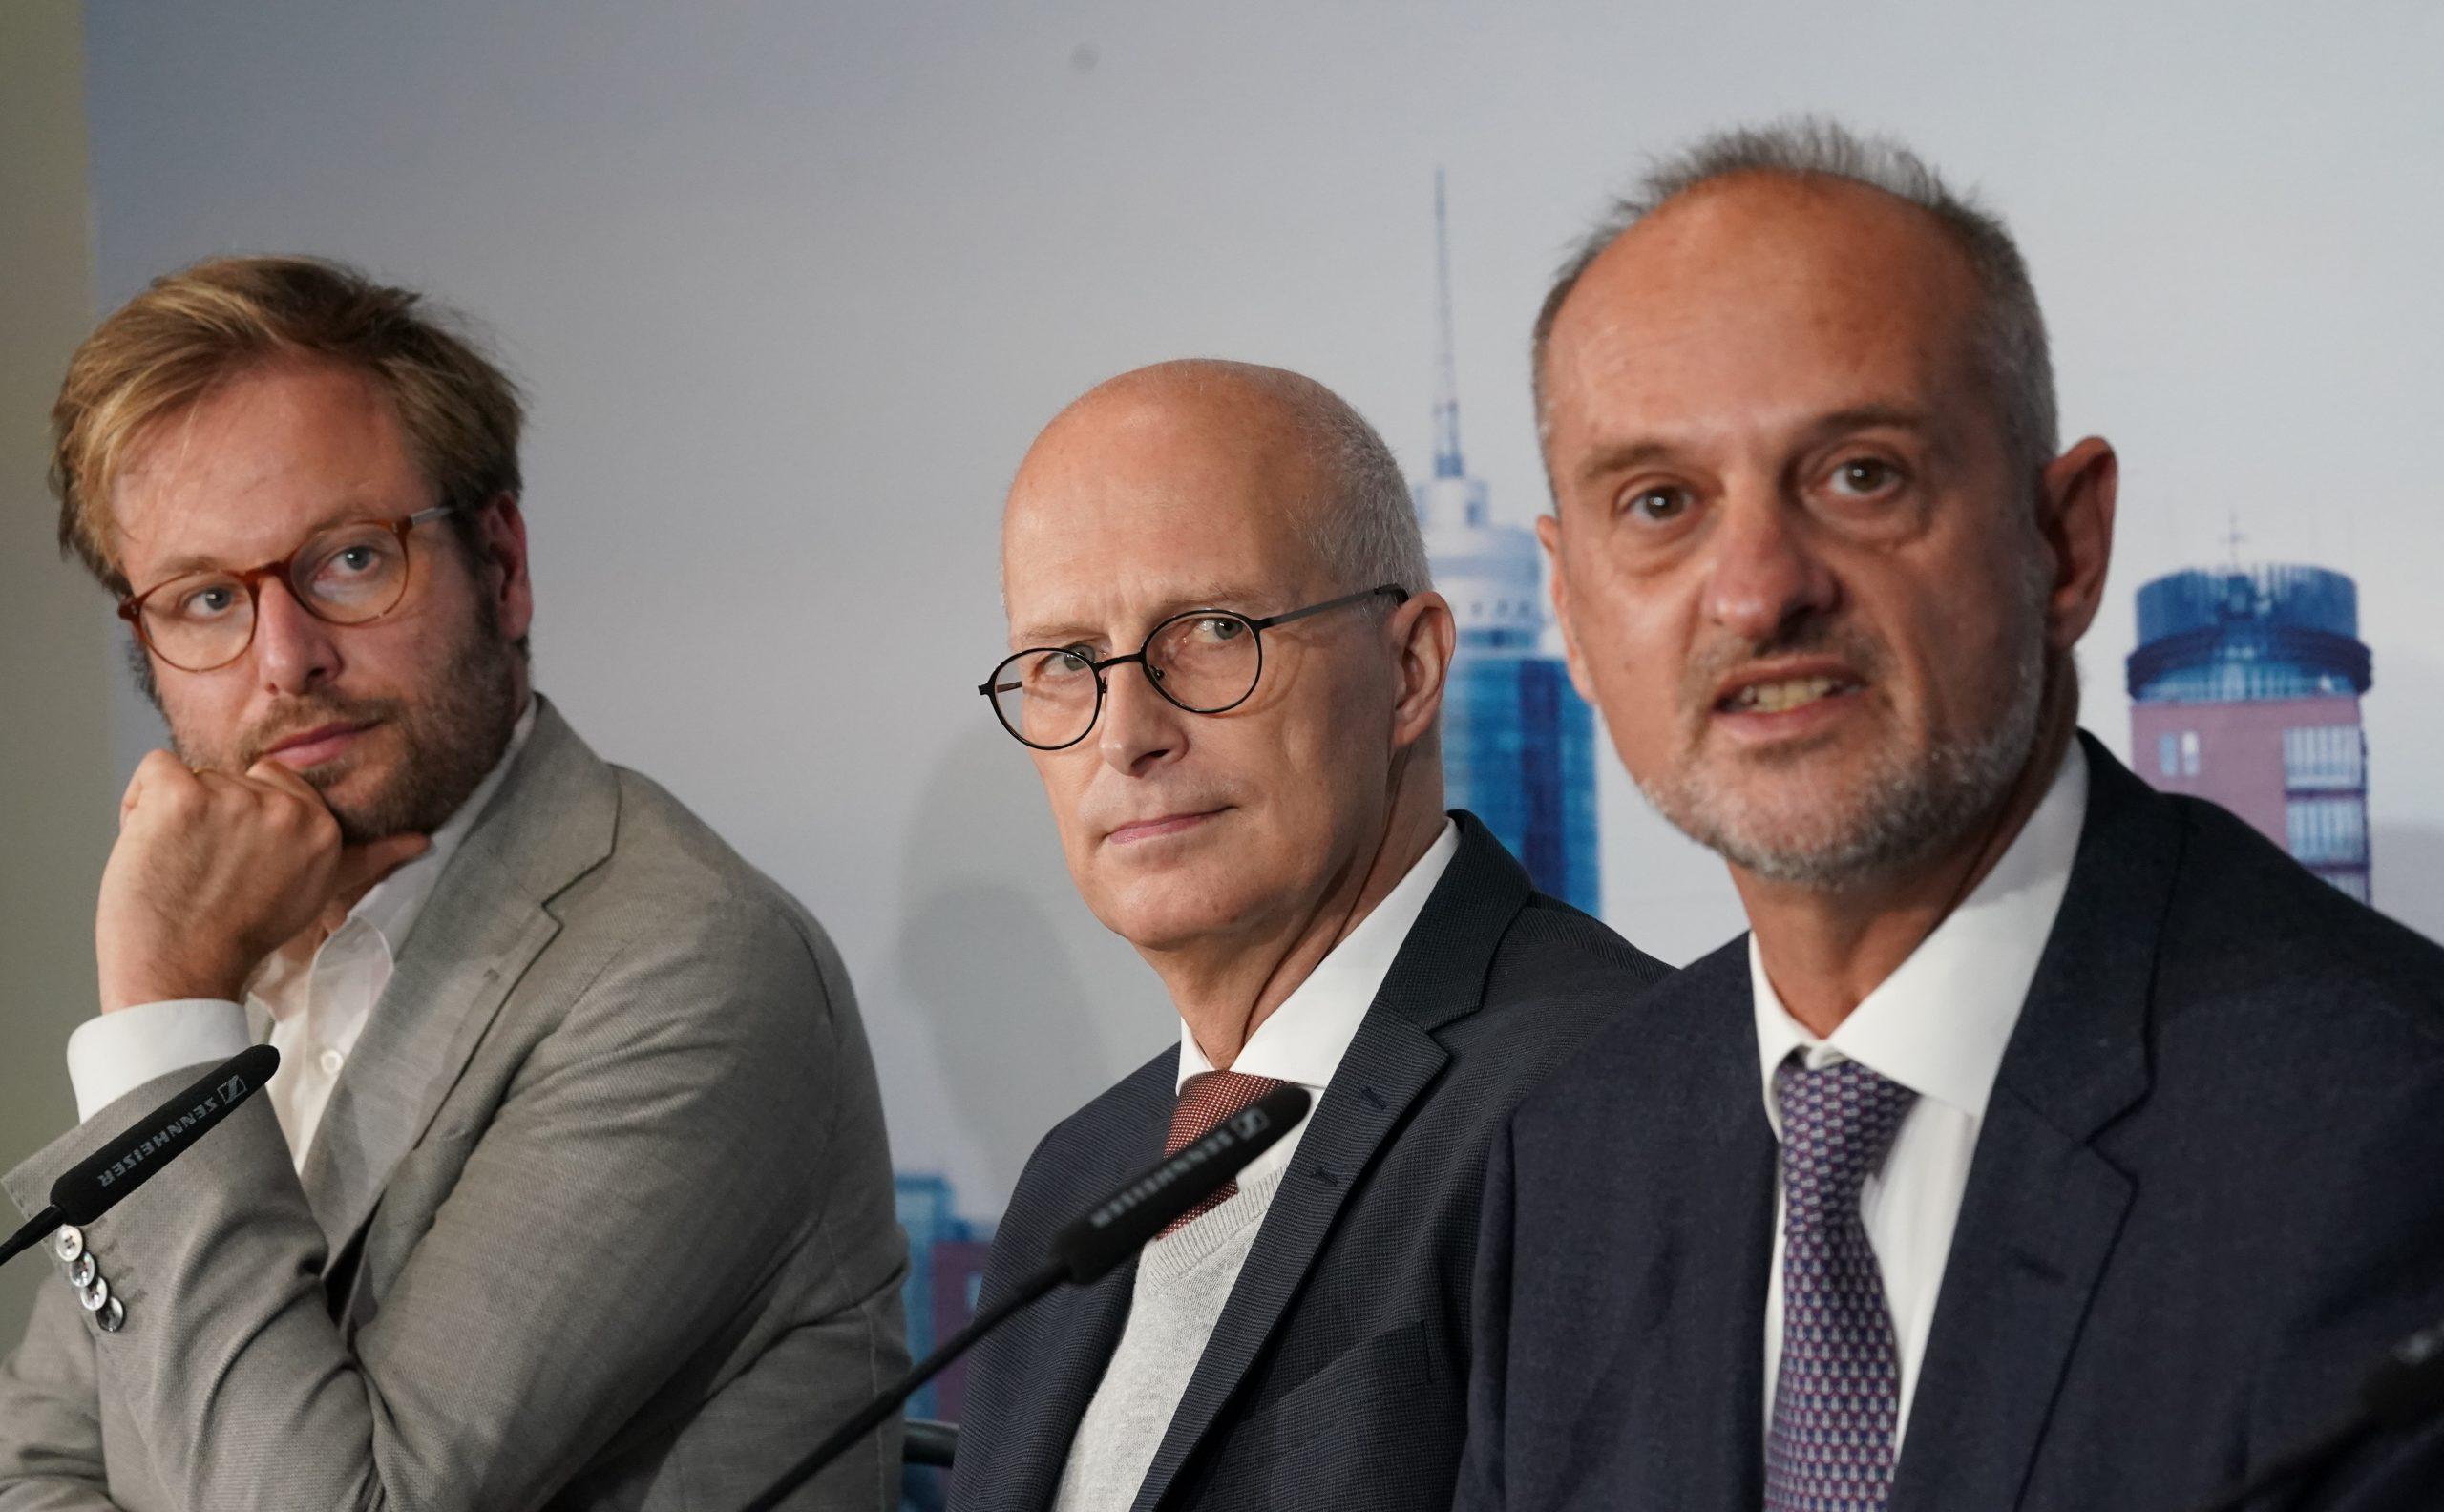 Verkehrssenator Anjes Tjarks (Grüne), Bürgermeister Peter Tschentscher (SPD) und Angelos Amditis, Vorsitzender von ERTICO.